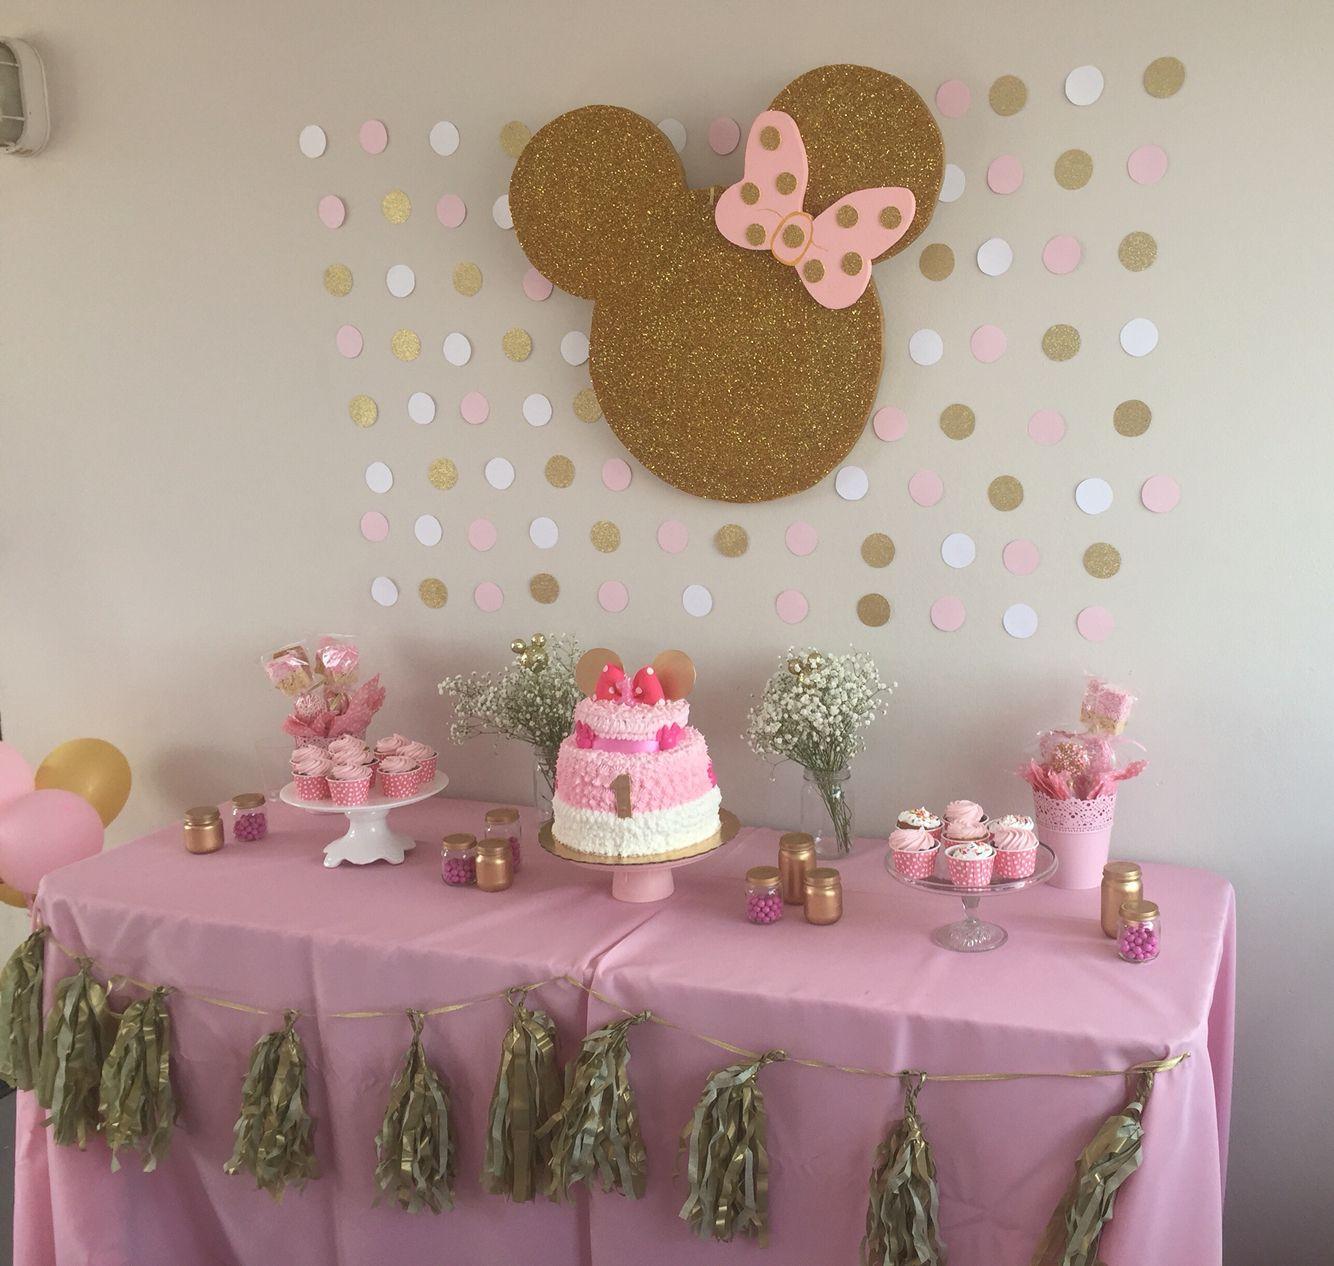 Resultado de imagen para cumplea os minnie rosa y dorado - Decoracion de cumpleanos rosa y dorado ...